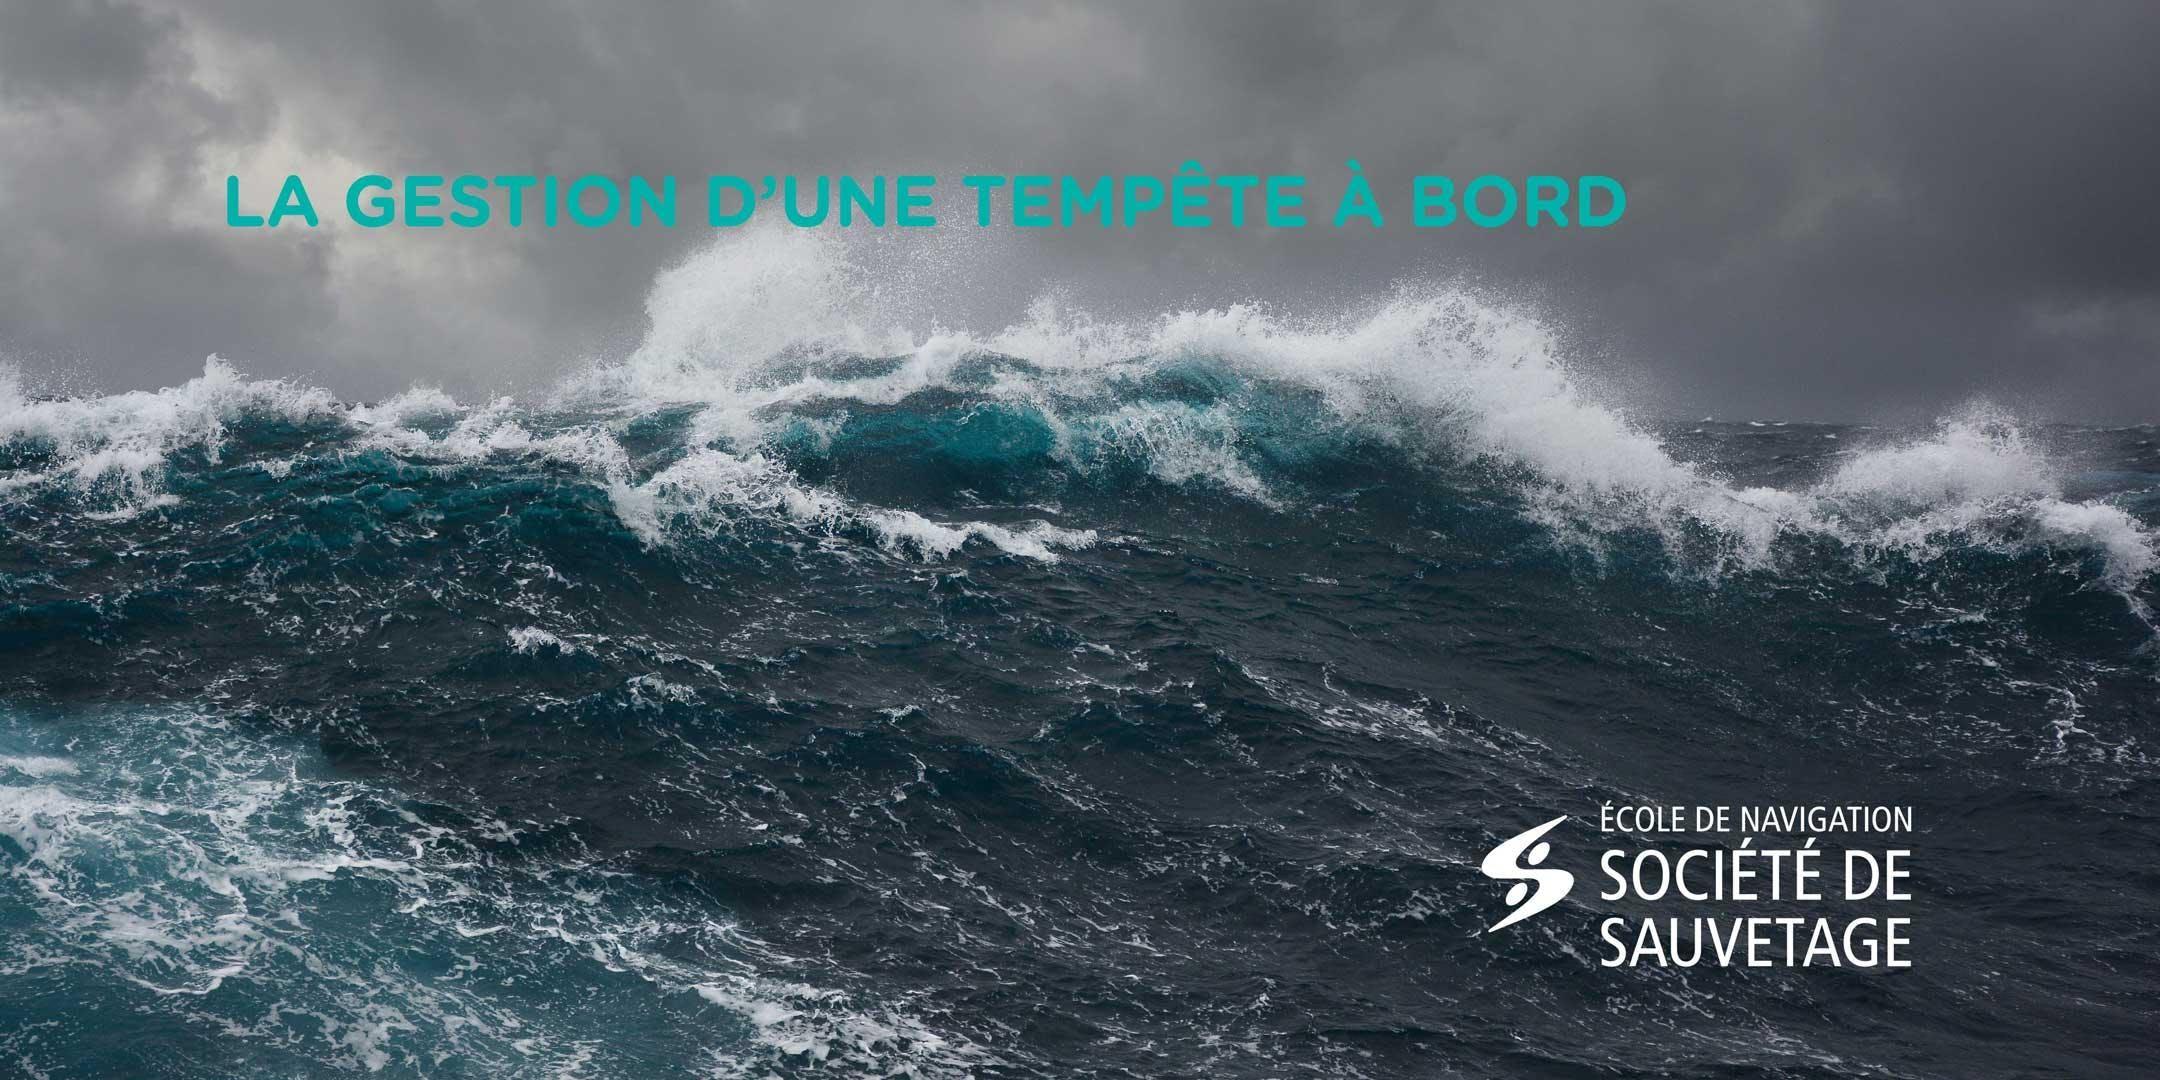 La gestion d'une tempête à bord (19-40)